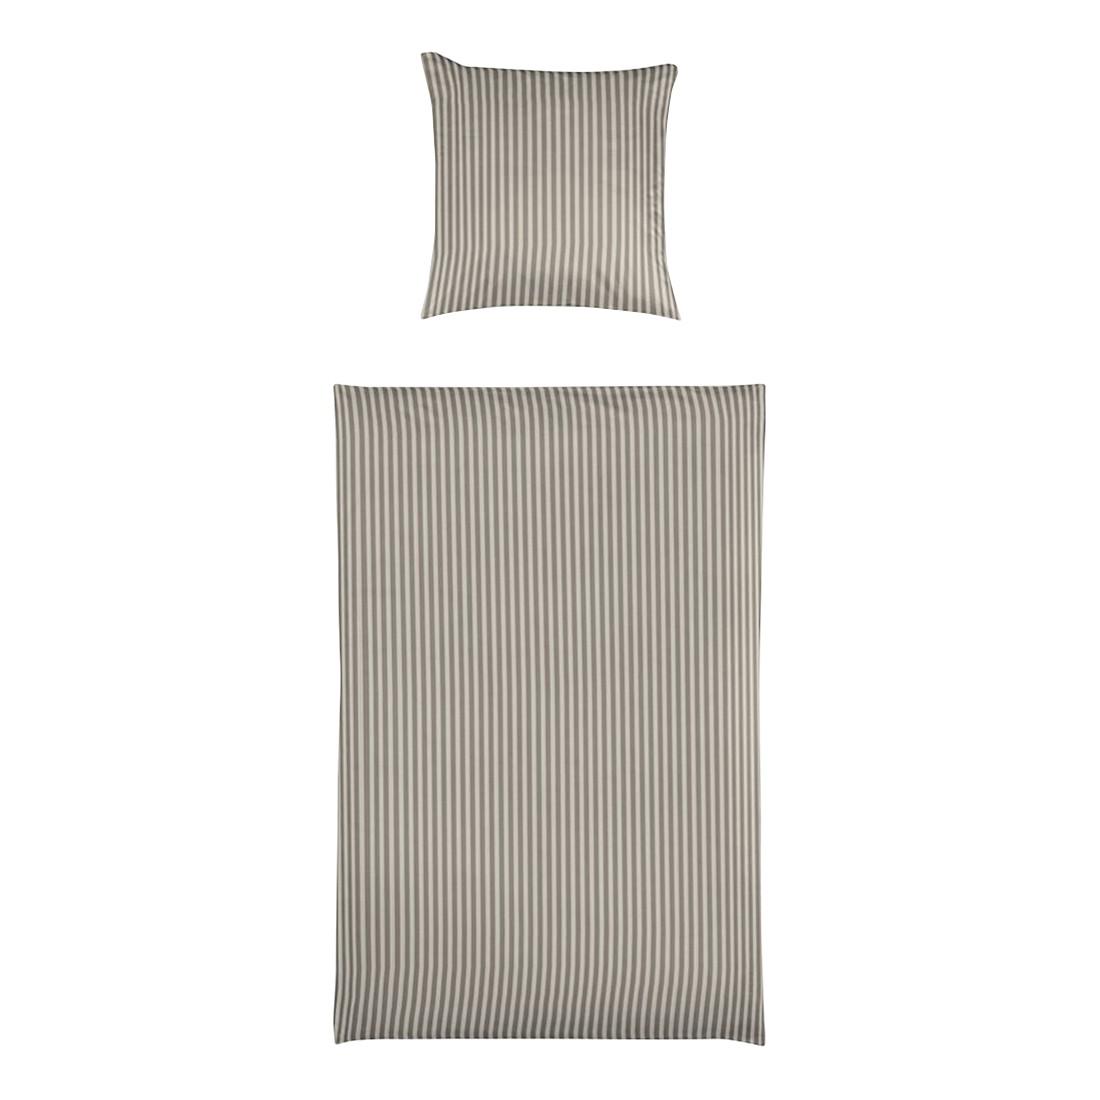 Bettwäsche Small Stripe Sand – Baumwolle – Mehrfarbig – 135X200 cm + 80X80 cm, Yes for bed günstig online kaufen